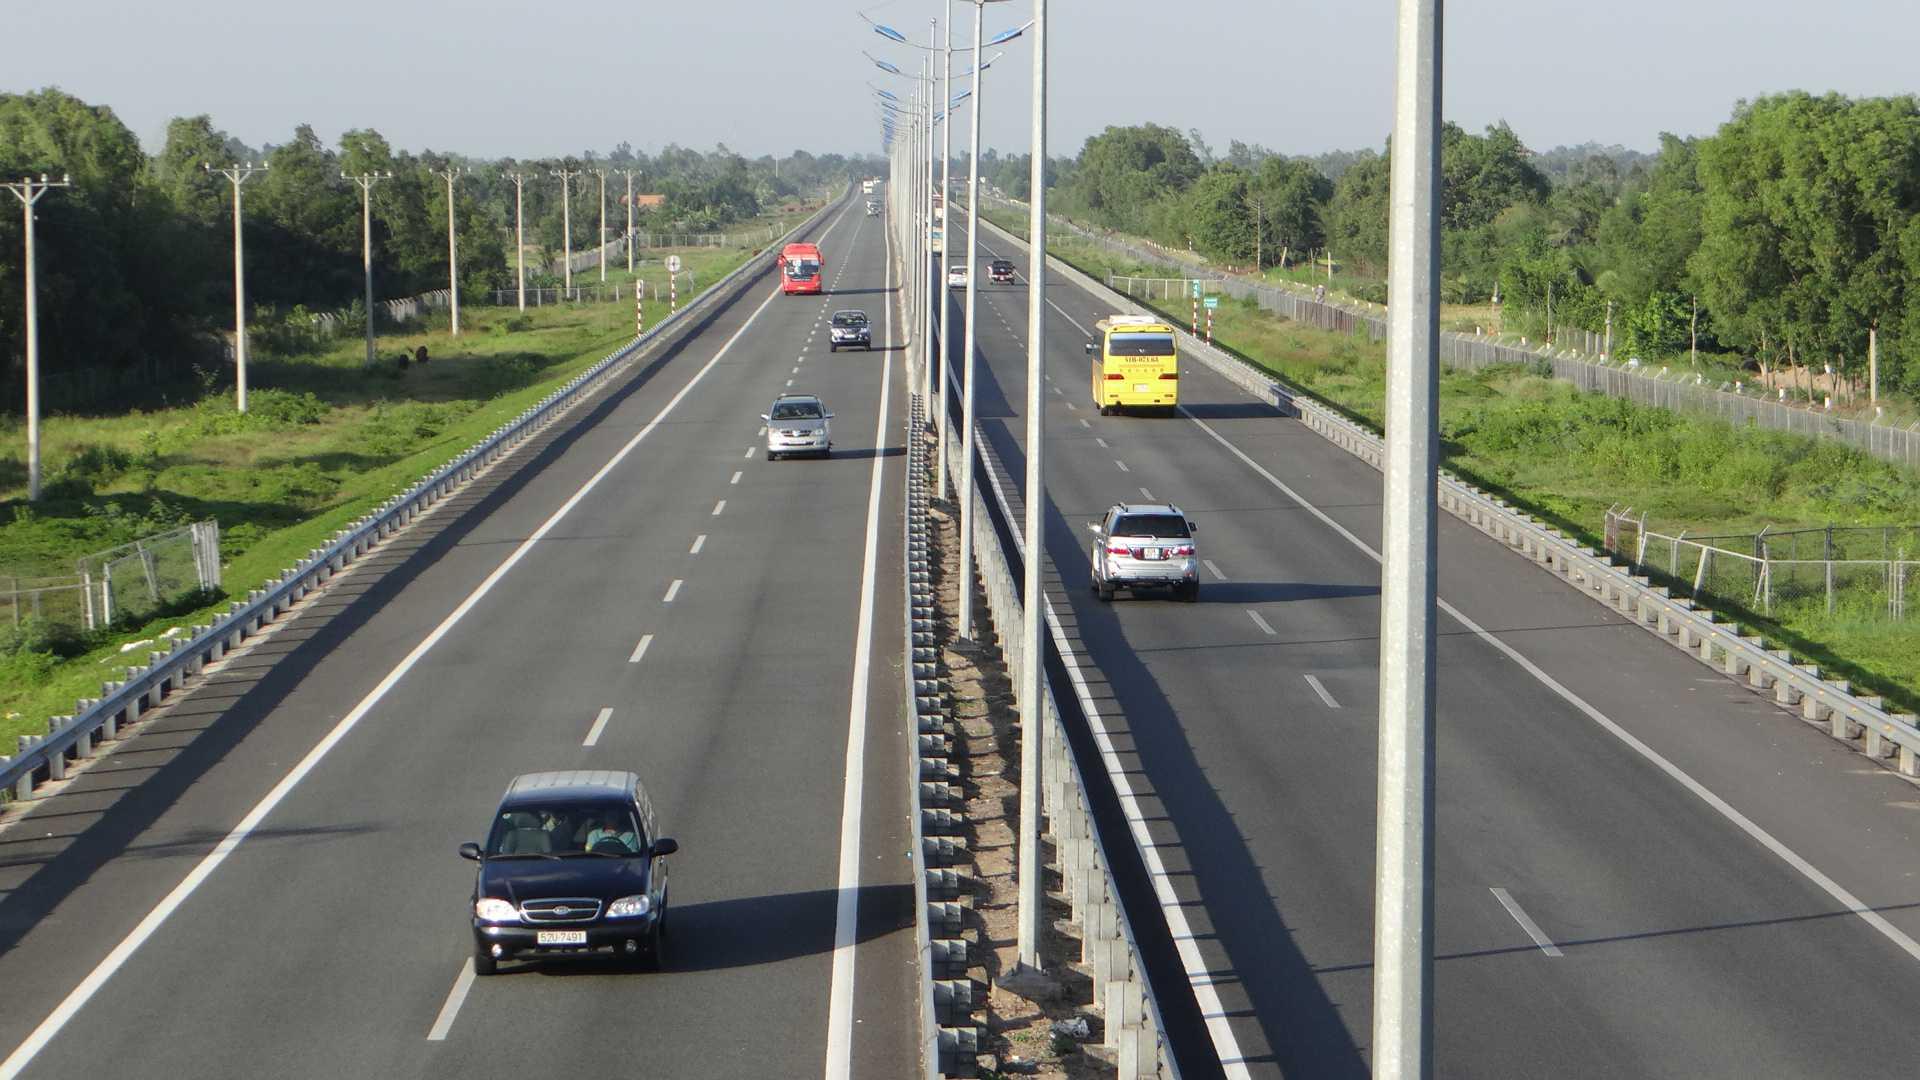 Các phương tiện khi tham gia giao thông được tăng tốc vượt tốc độ tối đa 10km  (Ảnh minh hoạ)